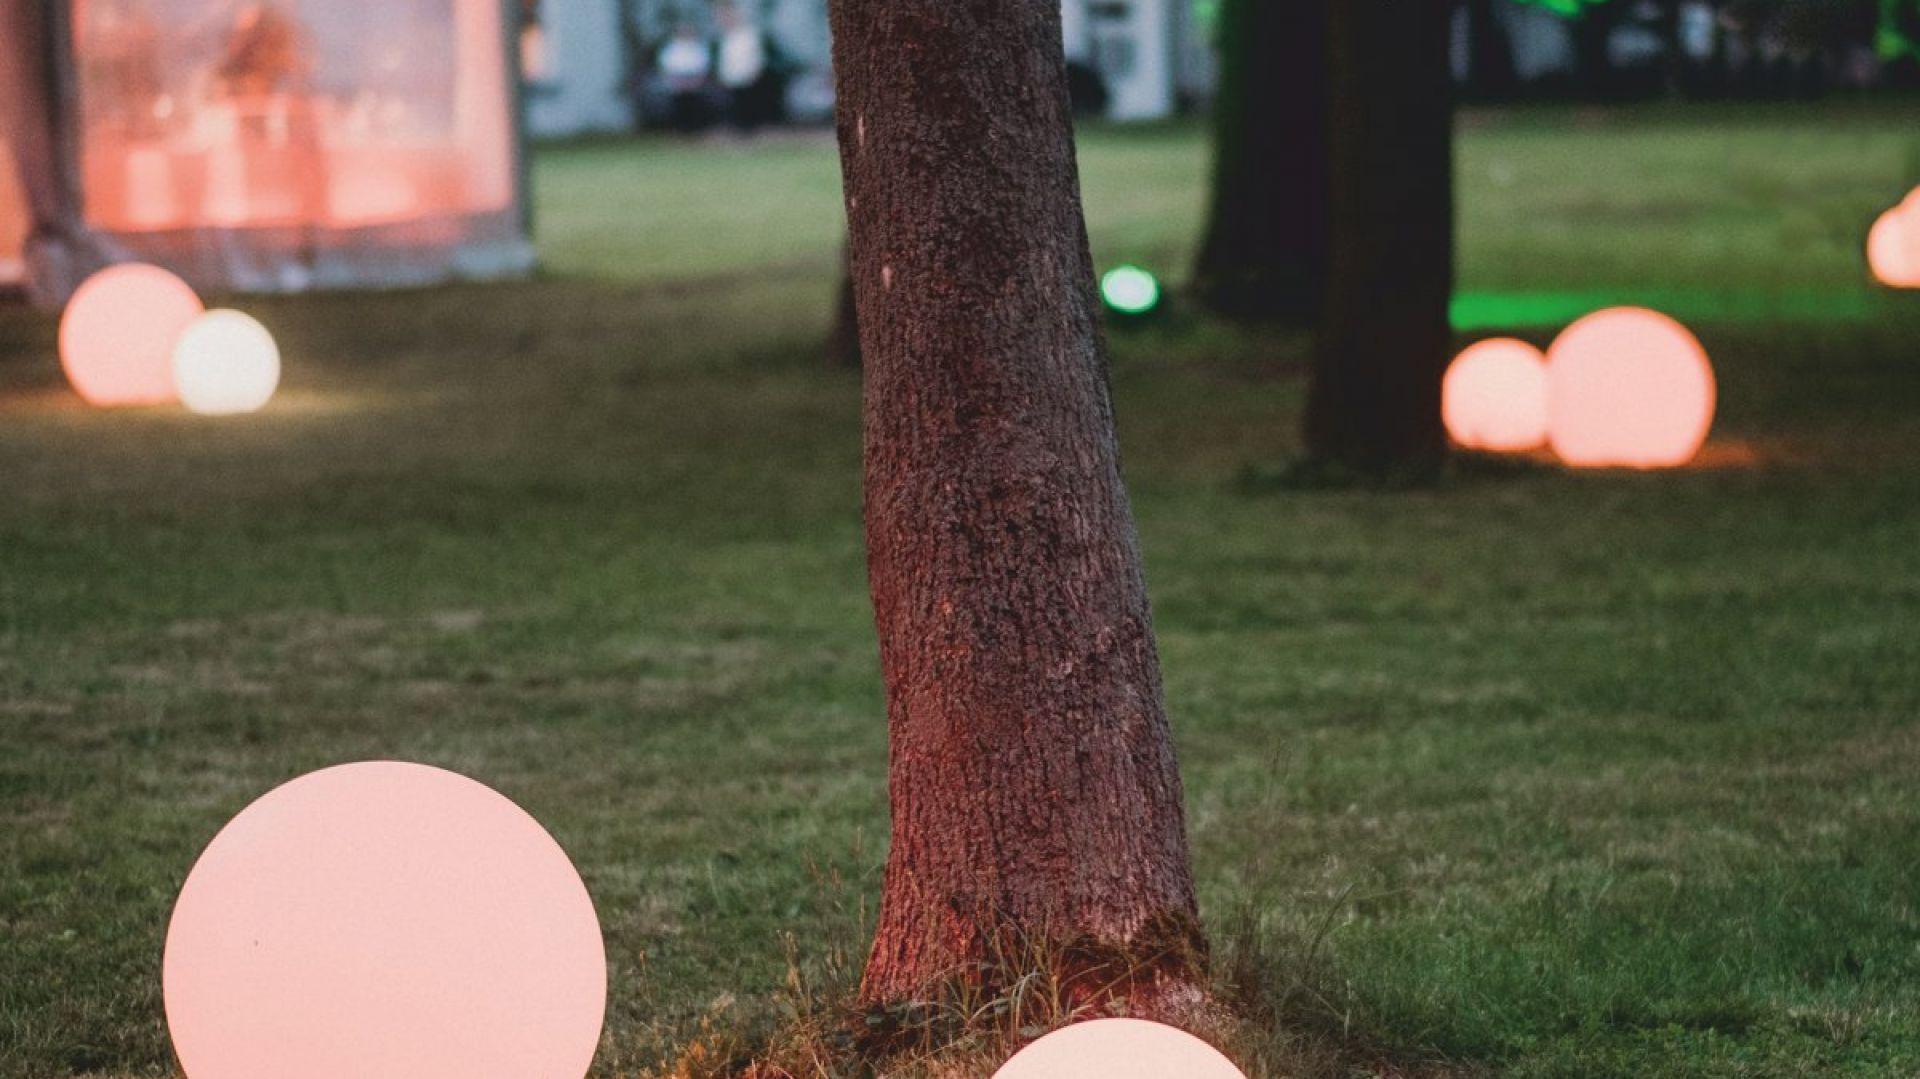 Lampa stojąca mBall, w 4 rozmiarach (30 cm, 40 cm, 60 cm, 80 cm). 845 zł (80 cm). Micante/9design.pl